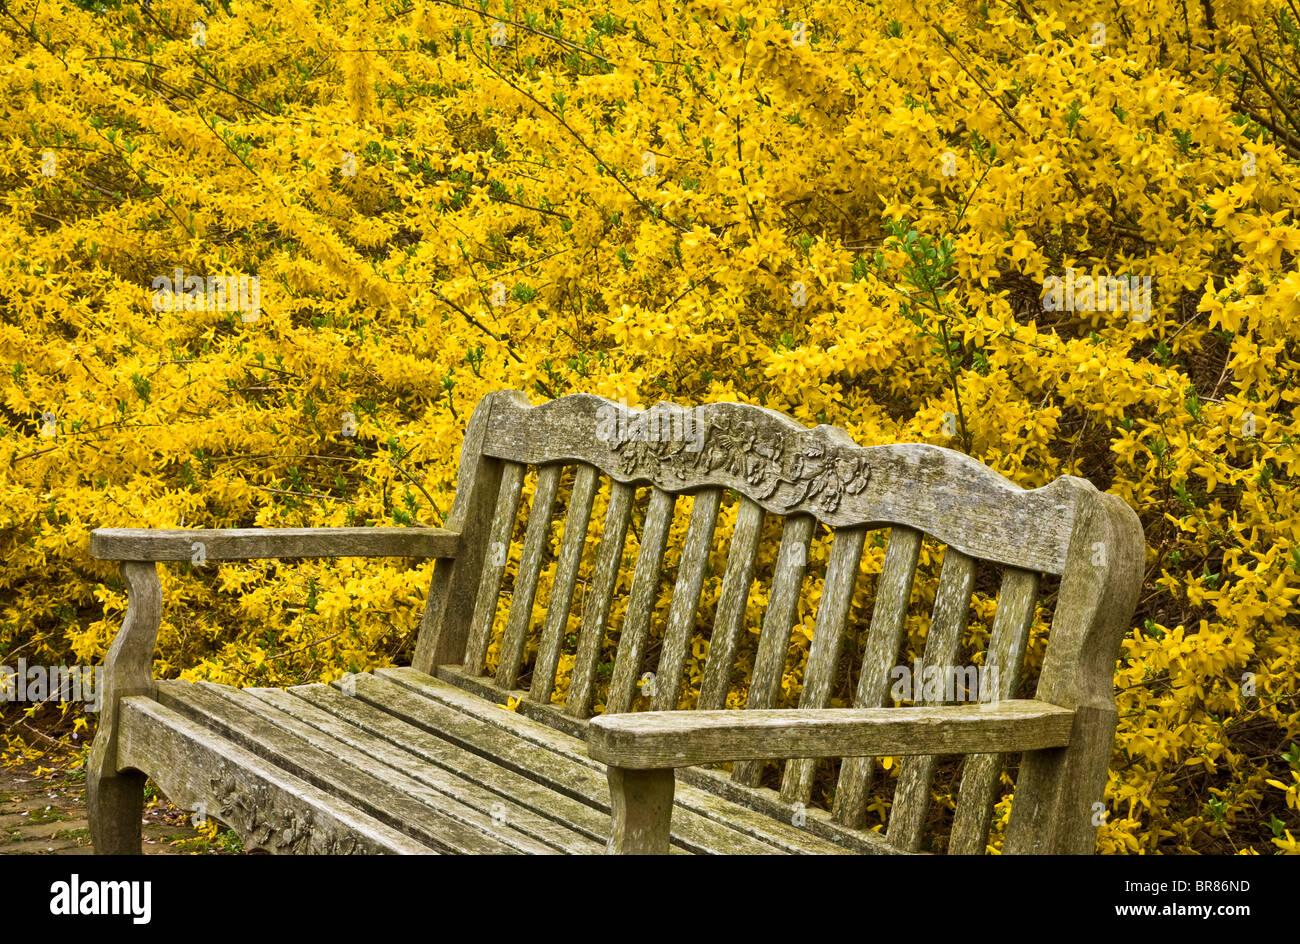 Panchine Da Giardino Colorate.Chiudere Fino In Legno Panchina Da Giardino Con Colorate Fioriture